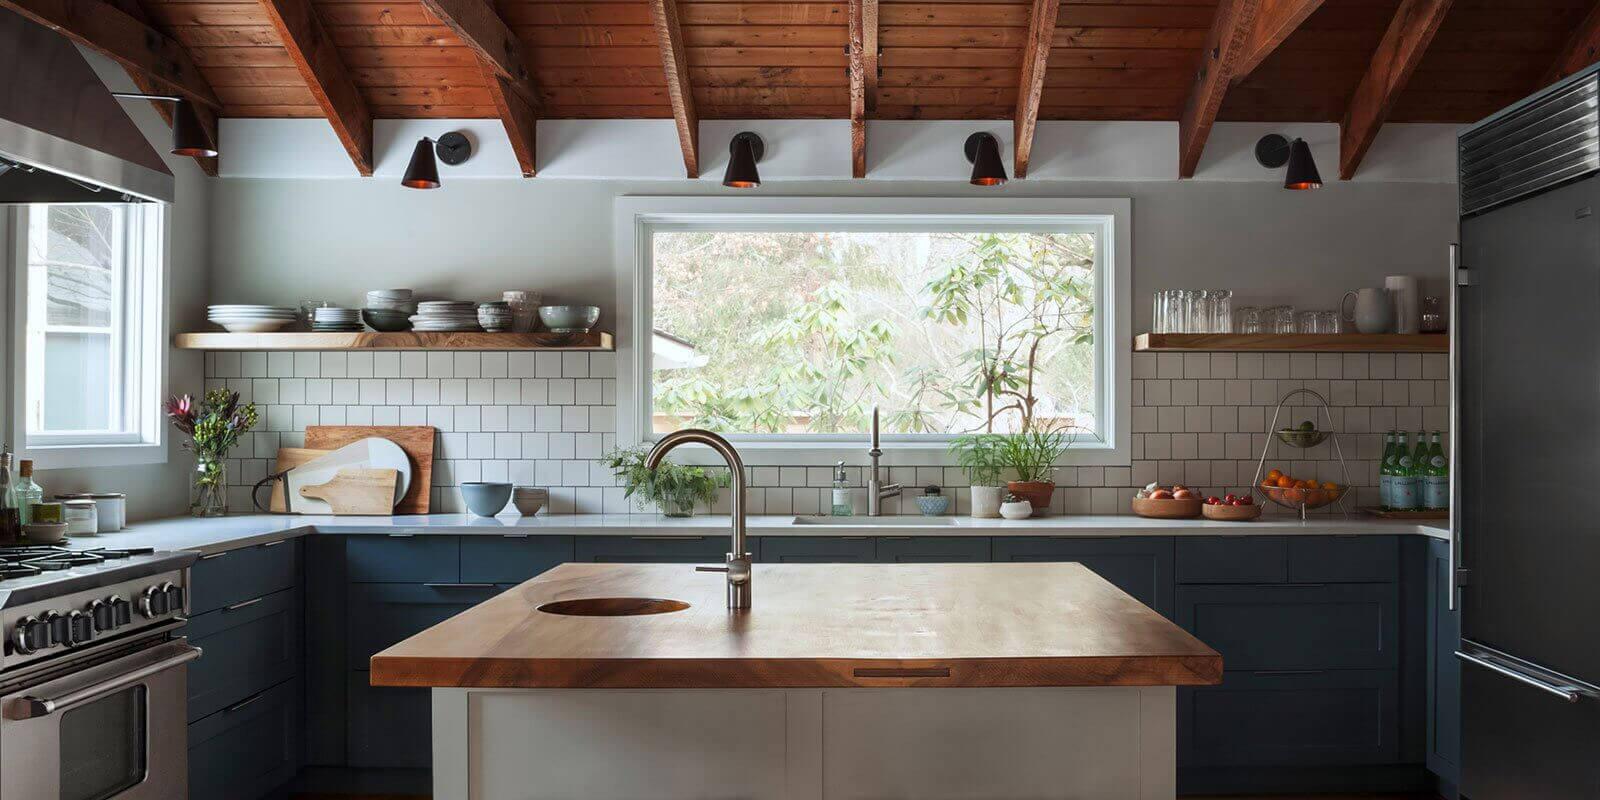 kitchen-shot-SFW.jpg